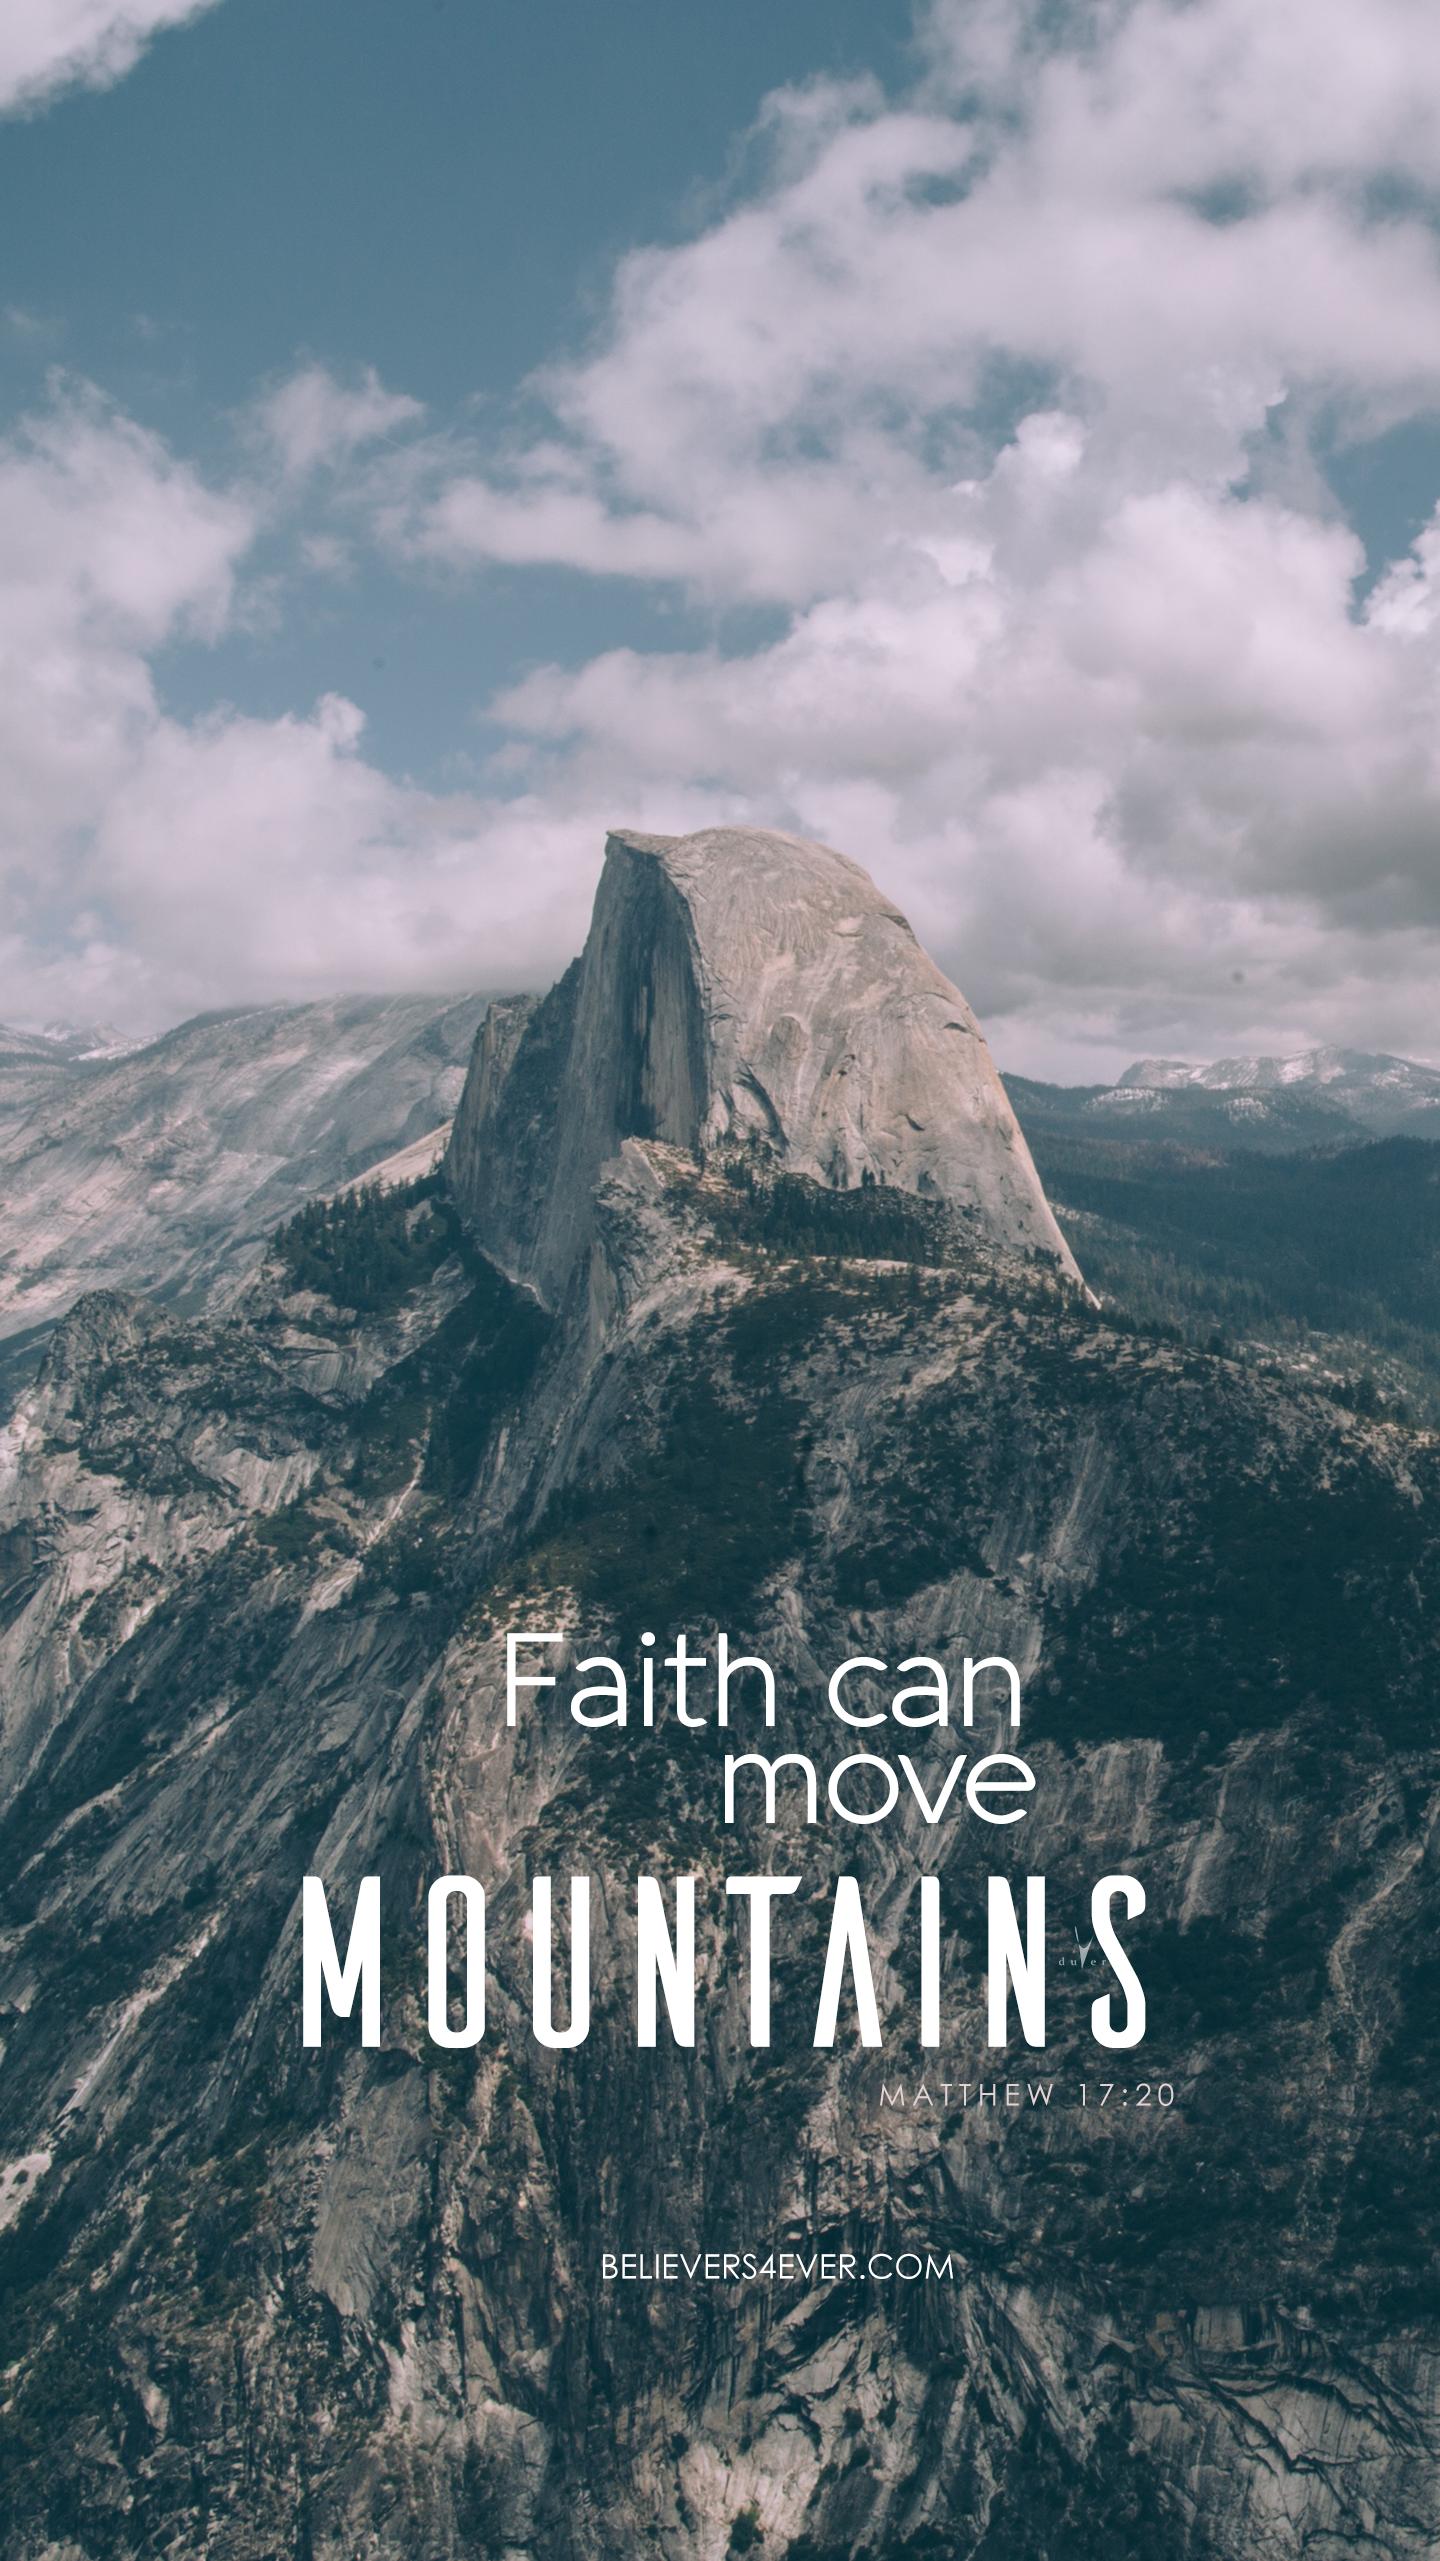 Faith Can Move Mountains Believers4ever Com Faith Moves Mountains Bible Verse Wallpaper Bible